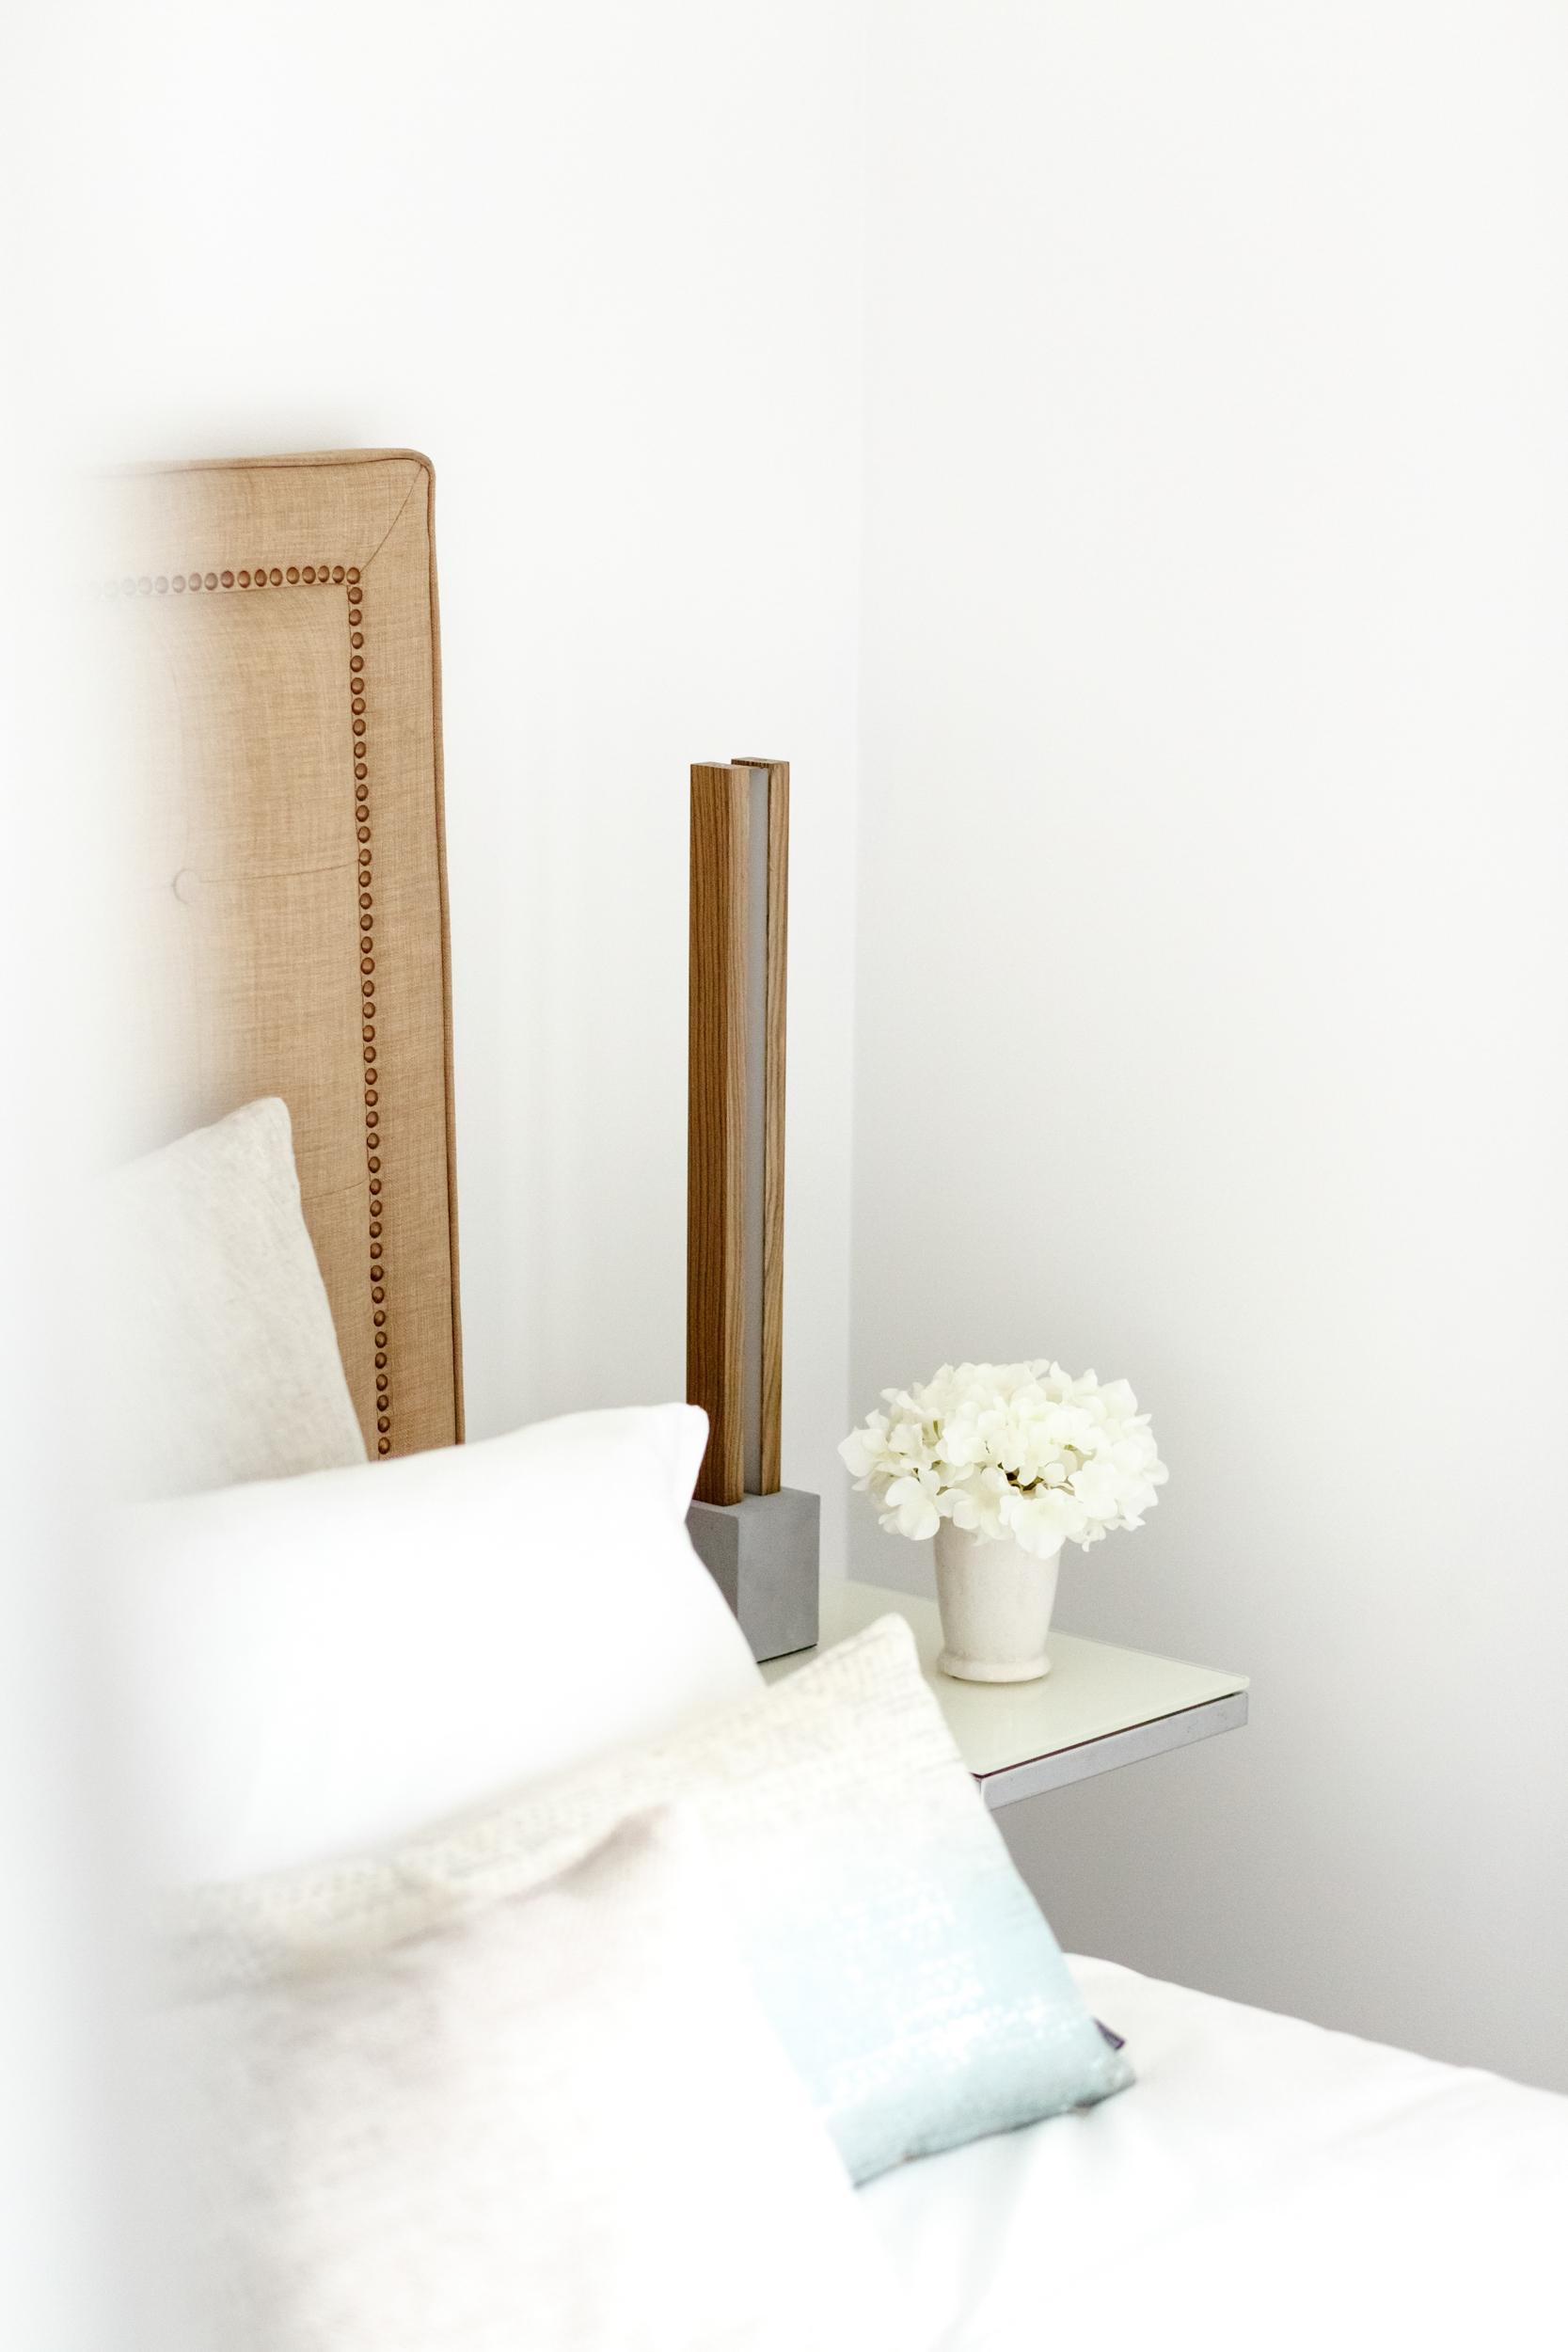 designreflektor-editorial-commercial-photopgraphy-vancouver-0263.jpg